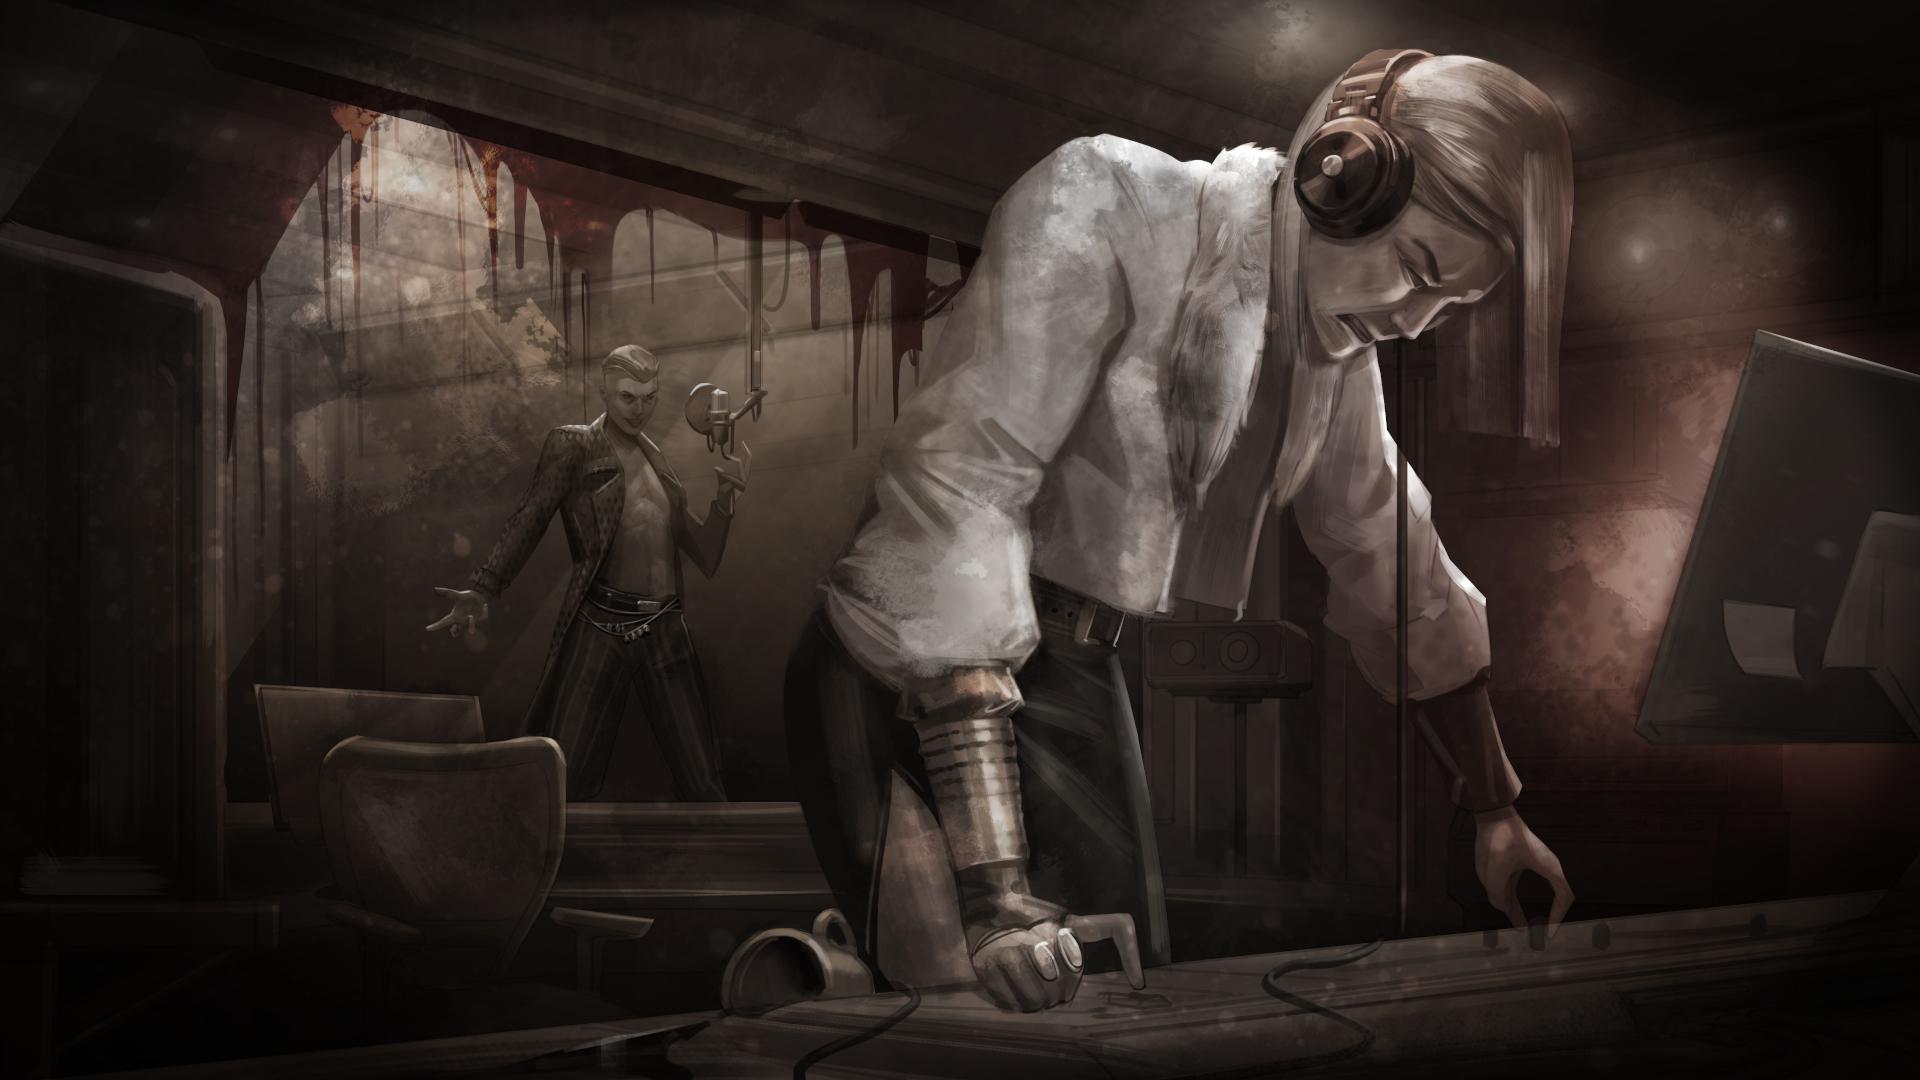 """เปิดตัว """"All-Kill"""" DLC ใหม่ล่าสุดของเกม Dead by Daylight มาพร้อมกับฆาตกรสาย K-POP สุดเท่คนใหม่พร้อมเปิดให้เล่นทดสอบแล้ววันนี้"""